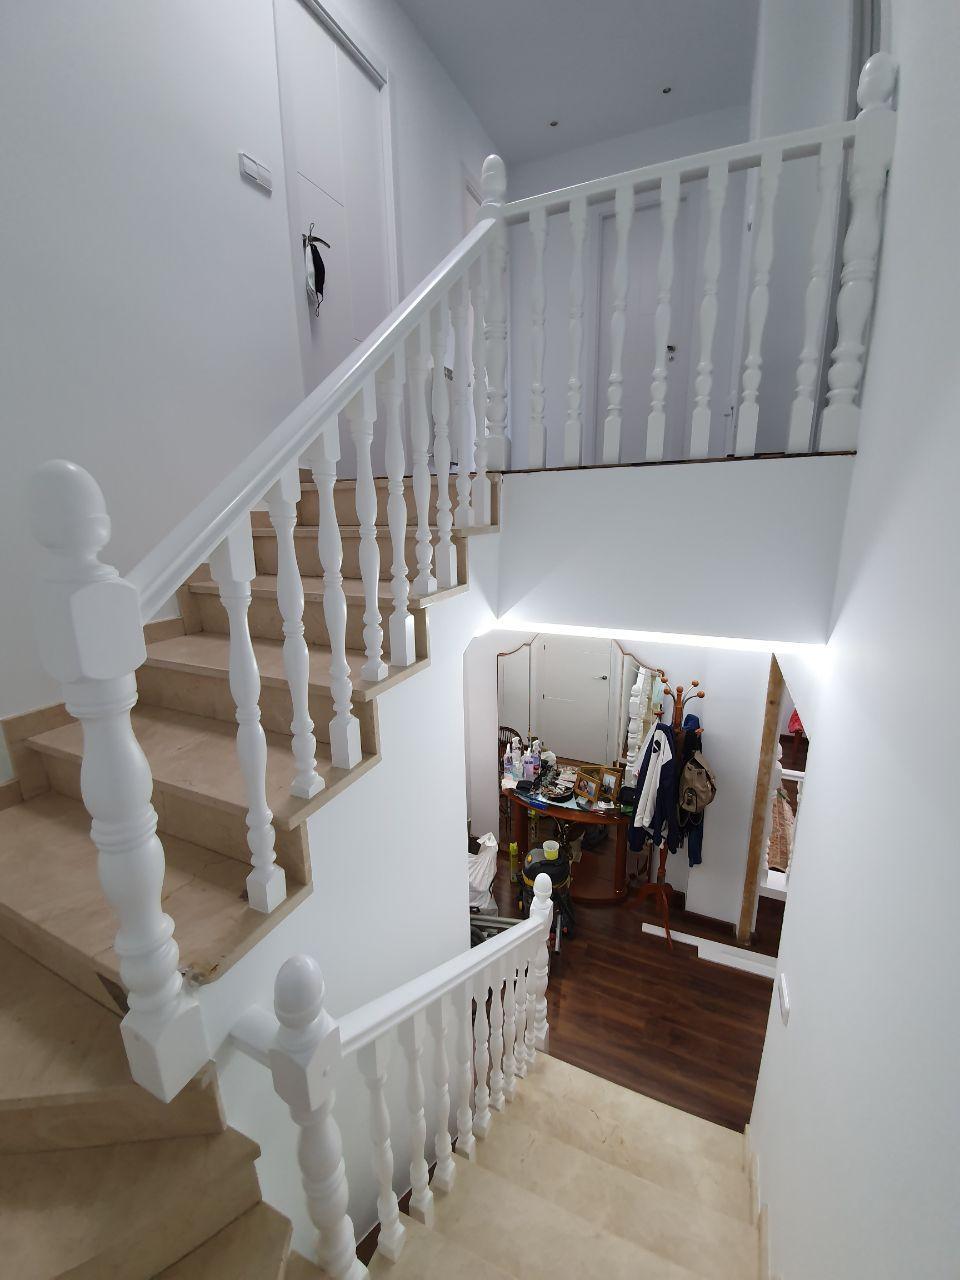 Barandillas en Escalera